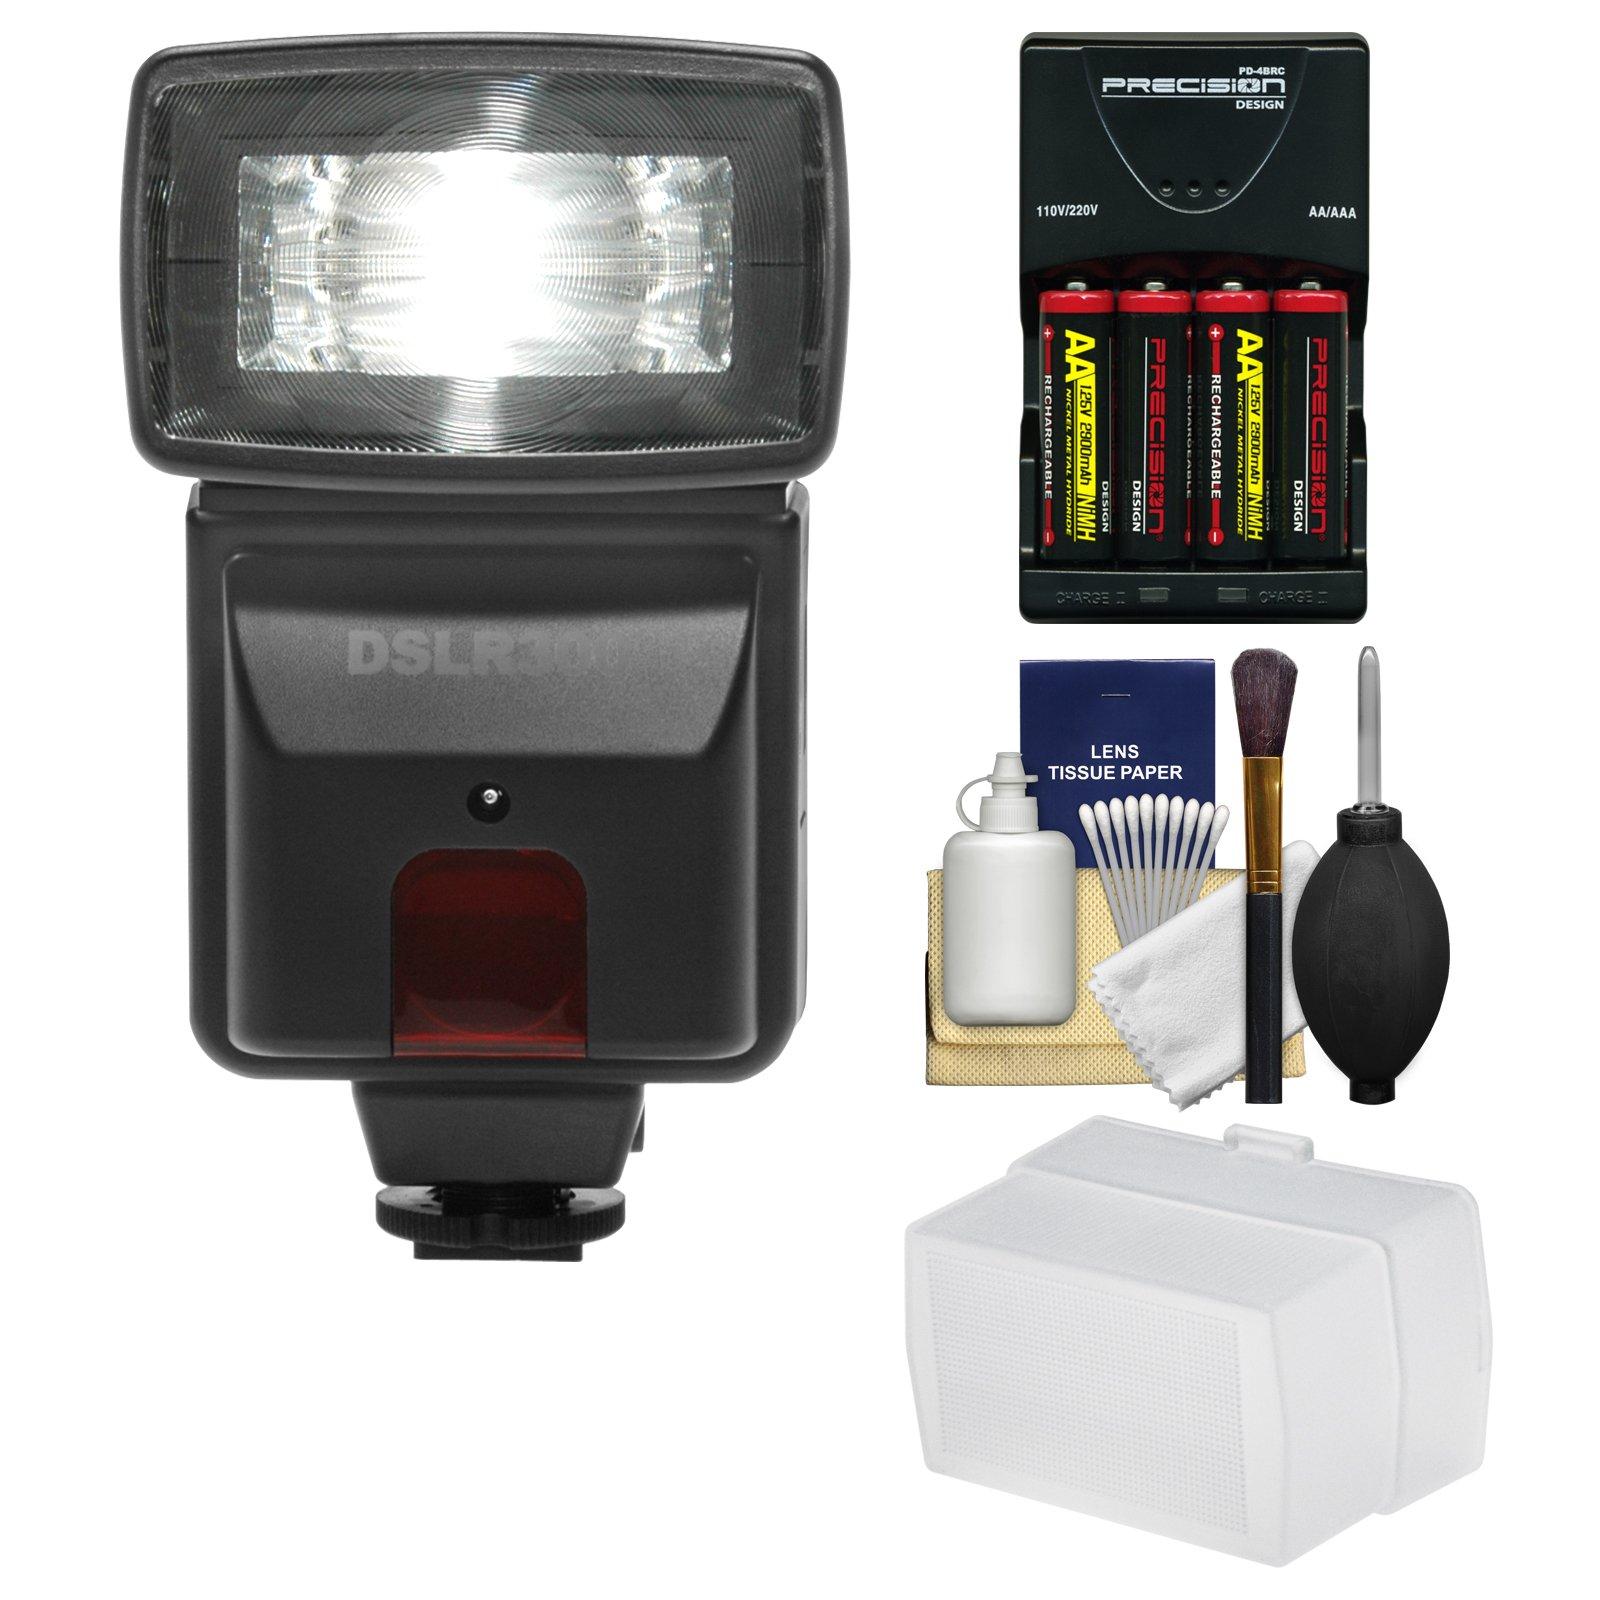 Precision Design DSLR300 High Power Auto Flash with Diffuser + Batteries & Charger + Accessory Kit for Nikon D3200, D3300, D5300, D5500, D7100, D7200 DSLR Cameras